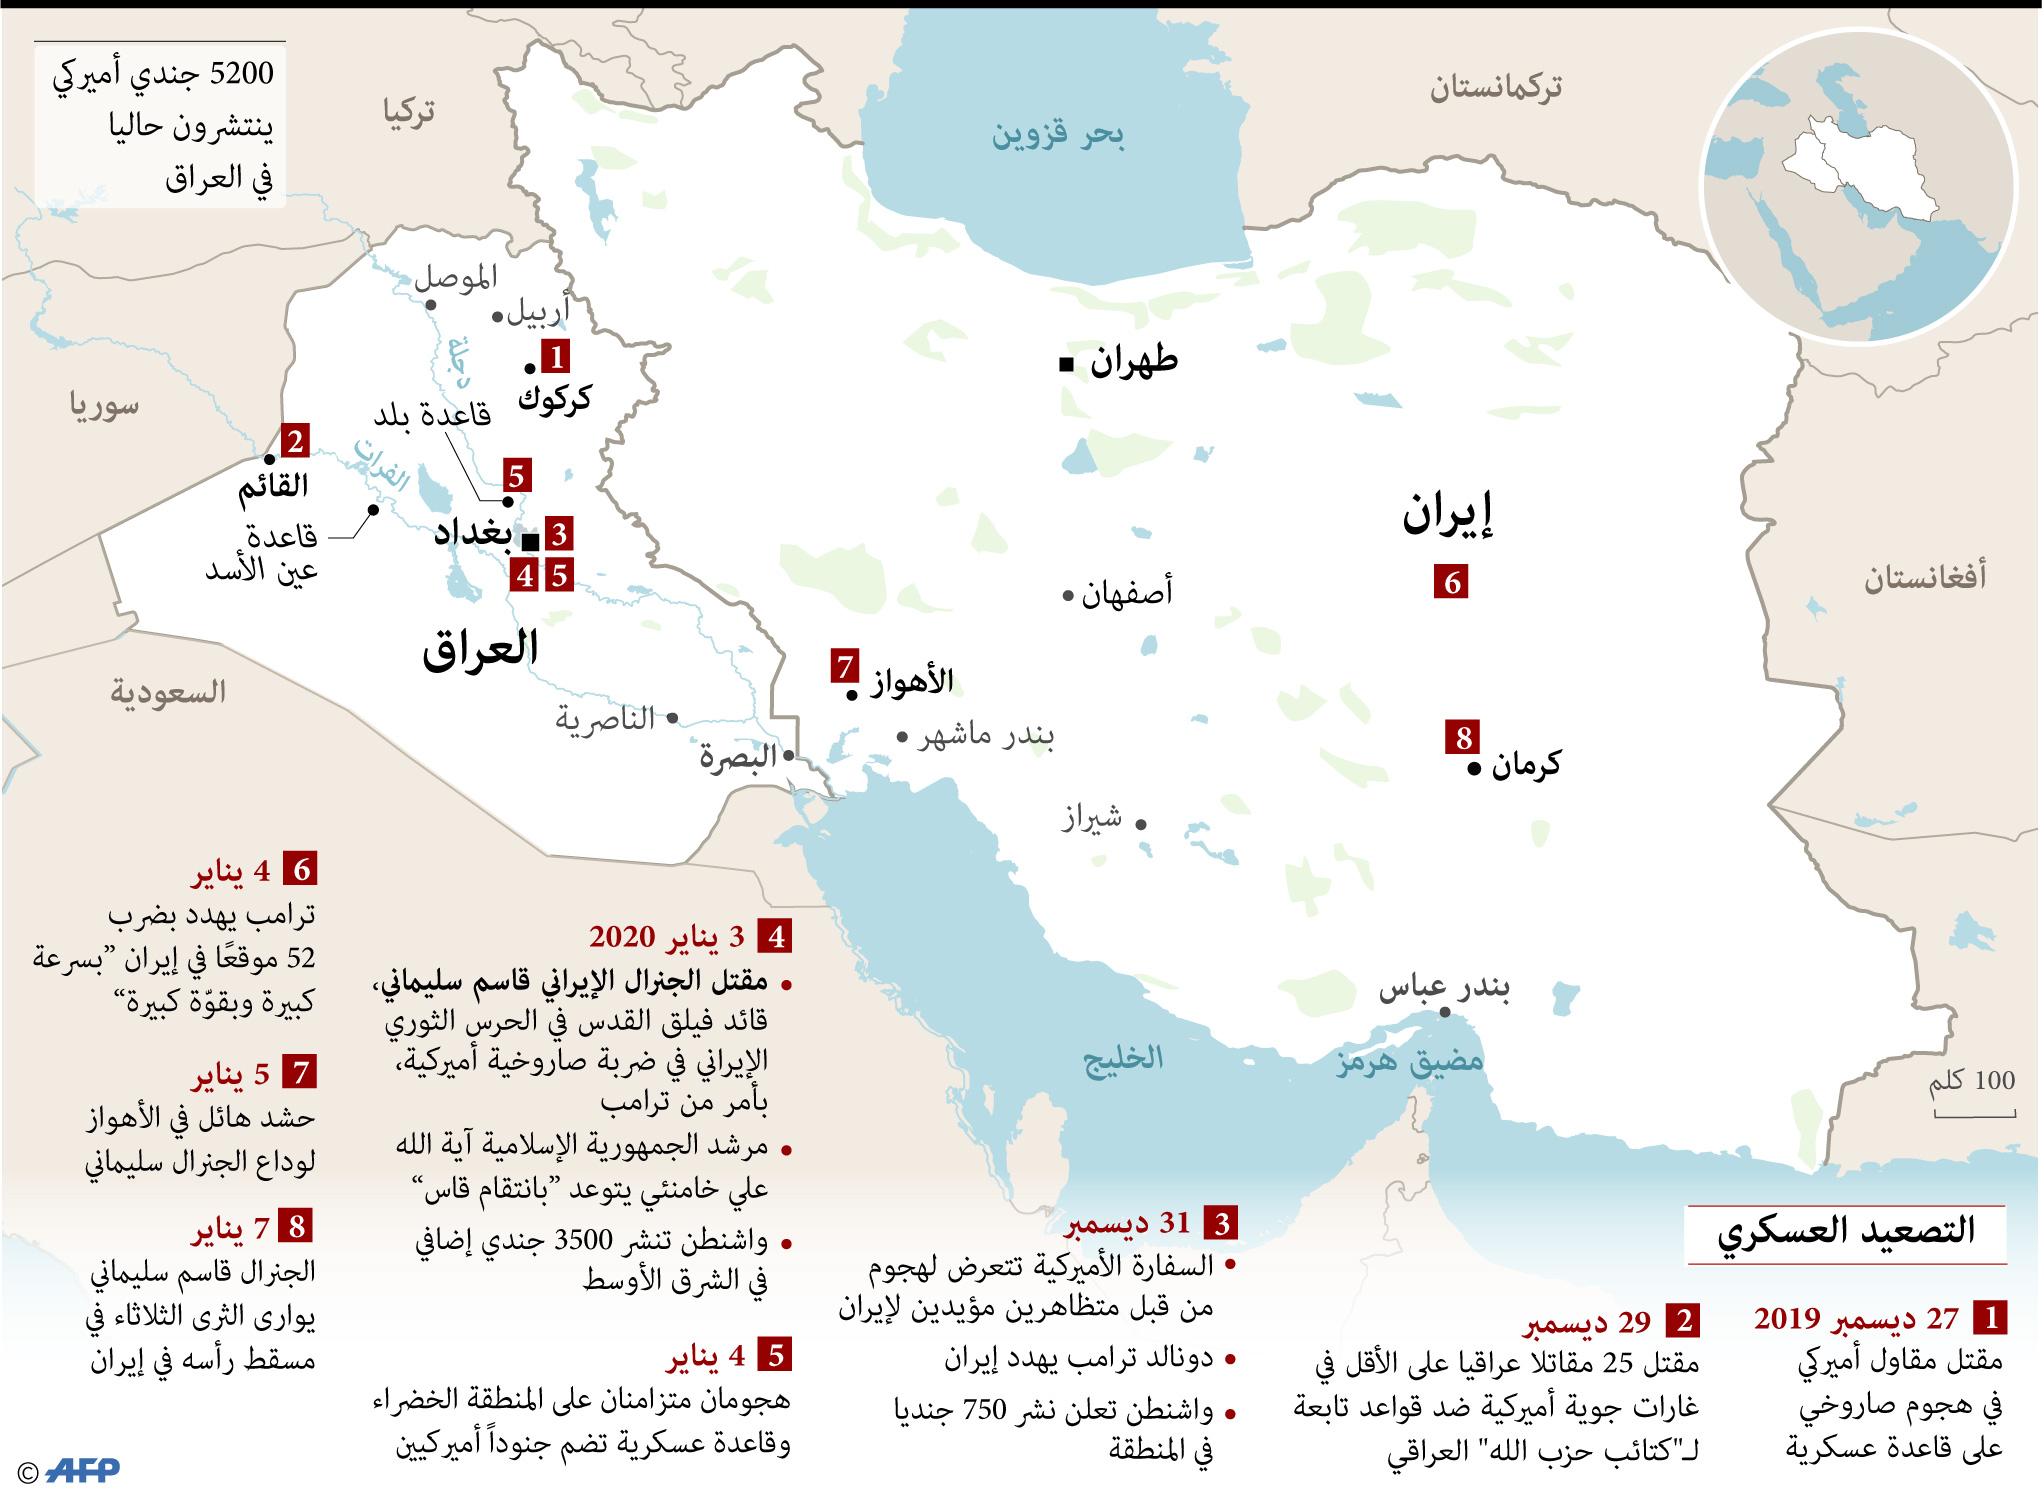 إيران استخدمت الأراضي العراقية لمهاجمة القوات الأميركية